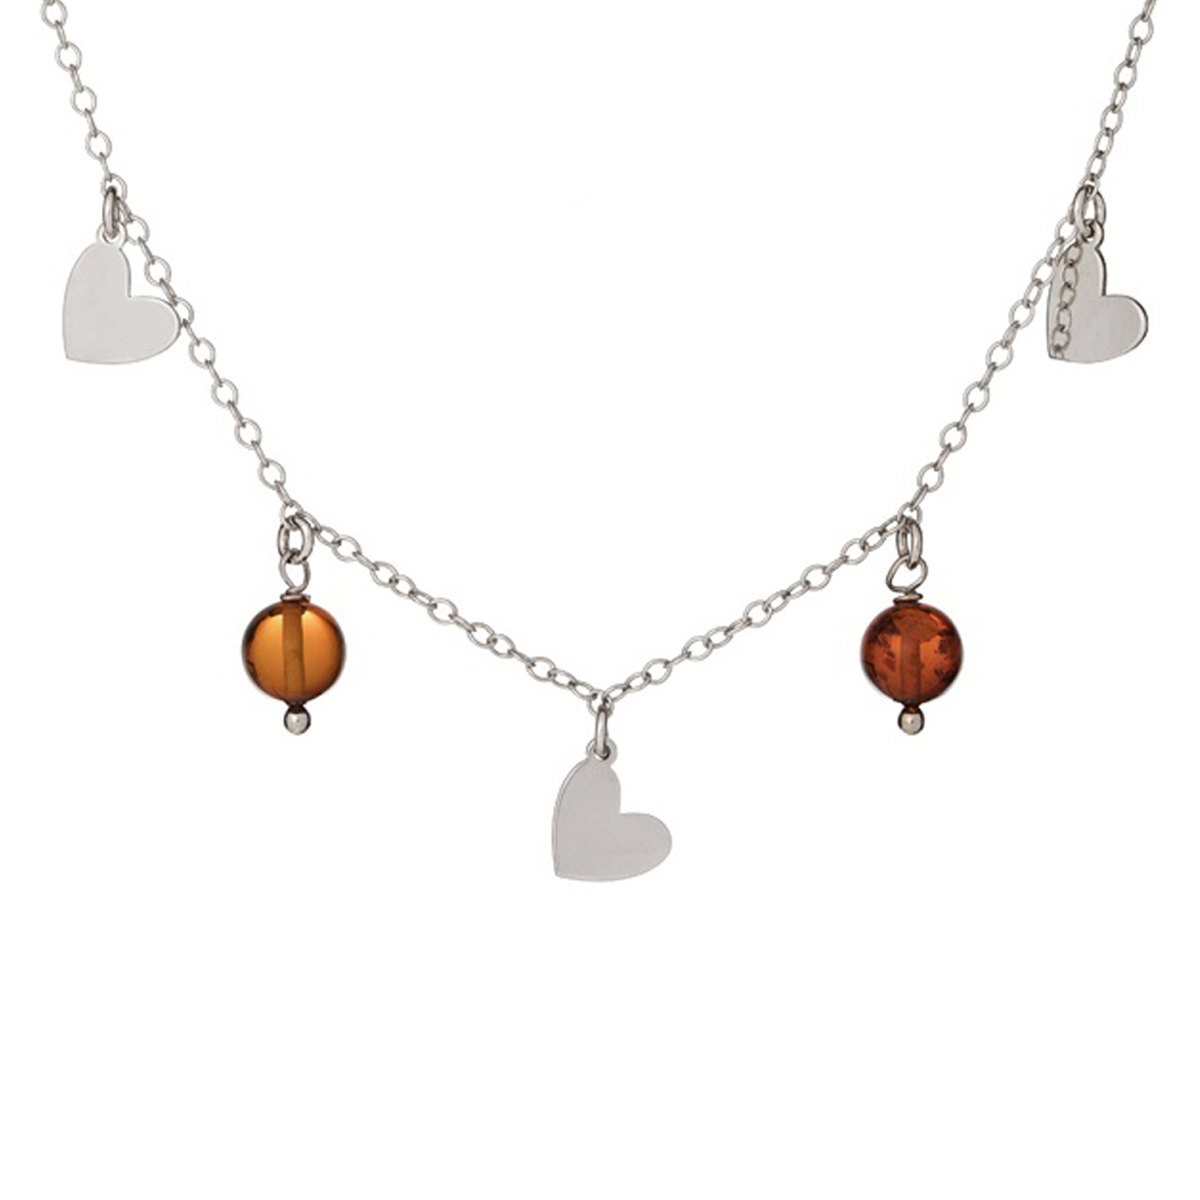 Collier argent artisanal \'Inspiration\' ambre cognac - coeurs 7 mm, perle 5 mm - [R5547]